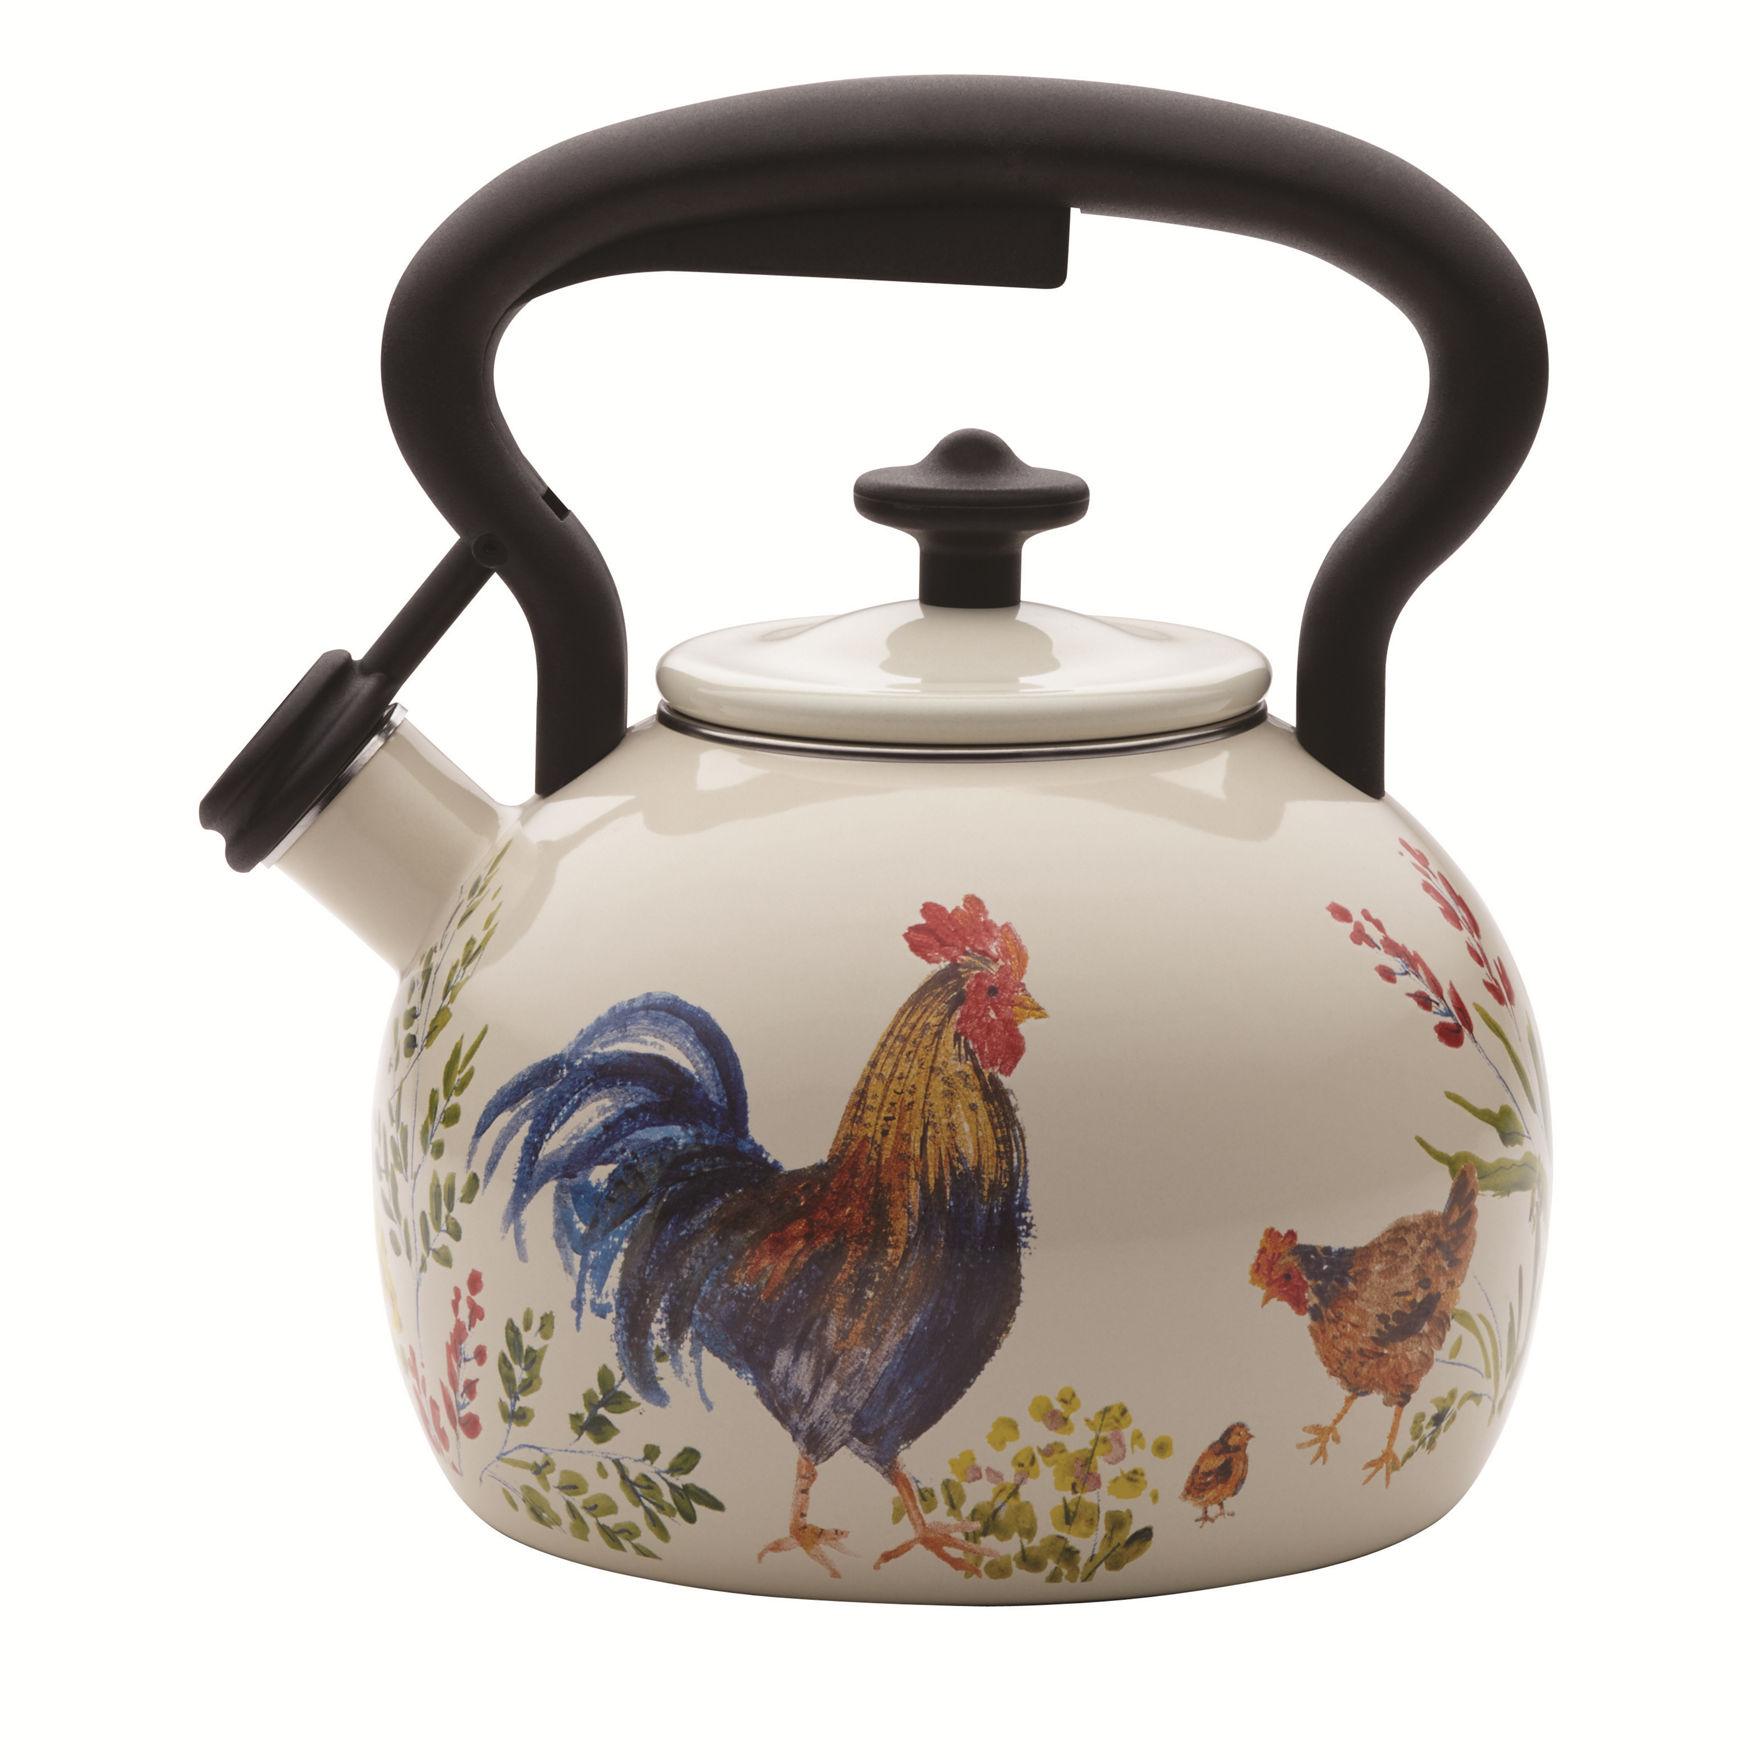 Paula Deen Garden Teapots Serveware